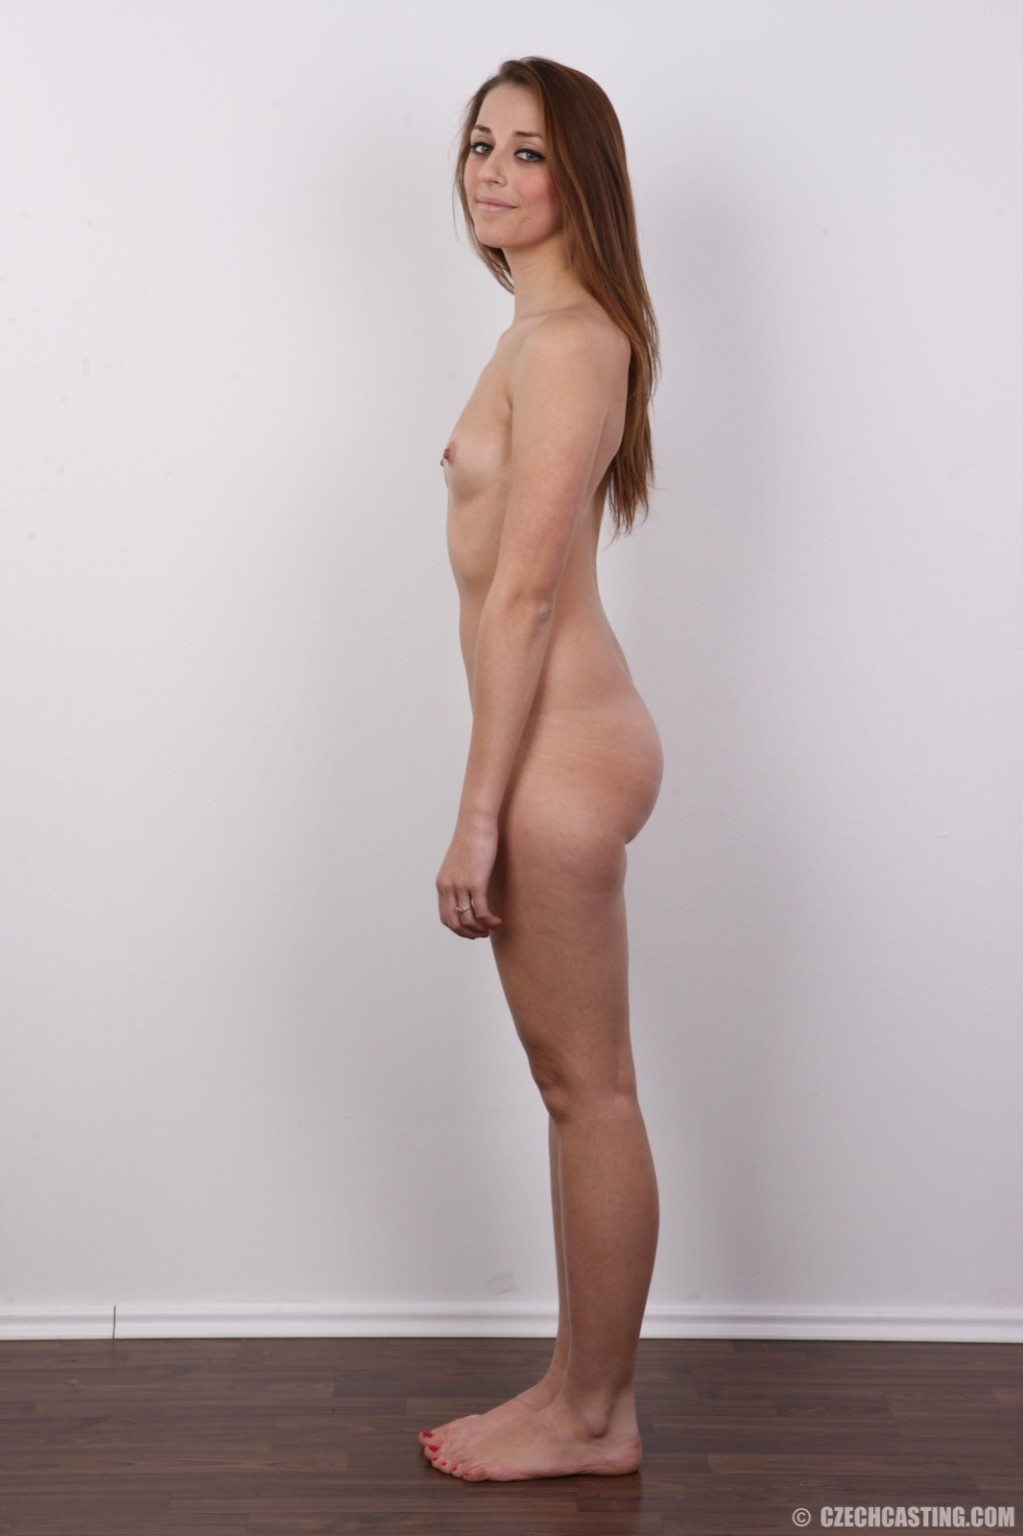 Кастинг - Порно галерея № 3523331